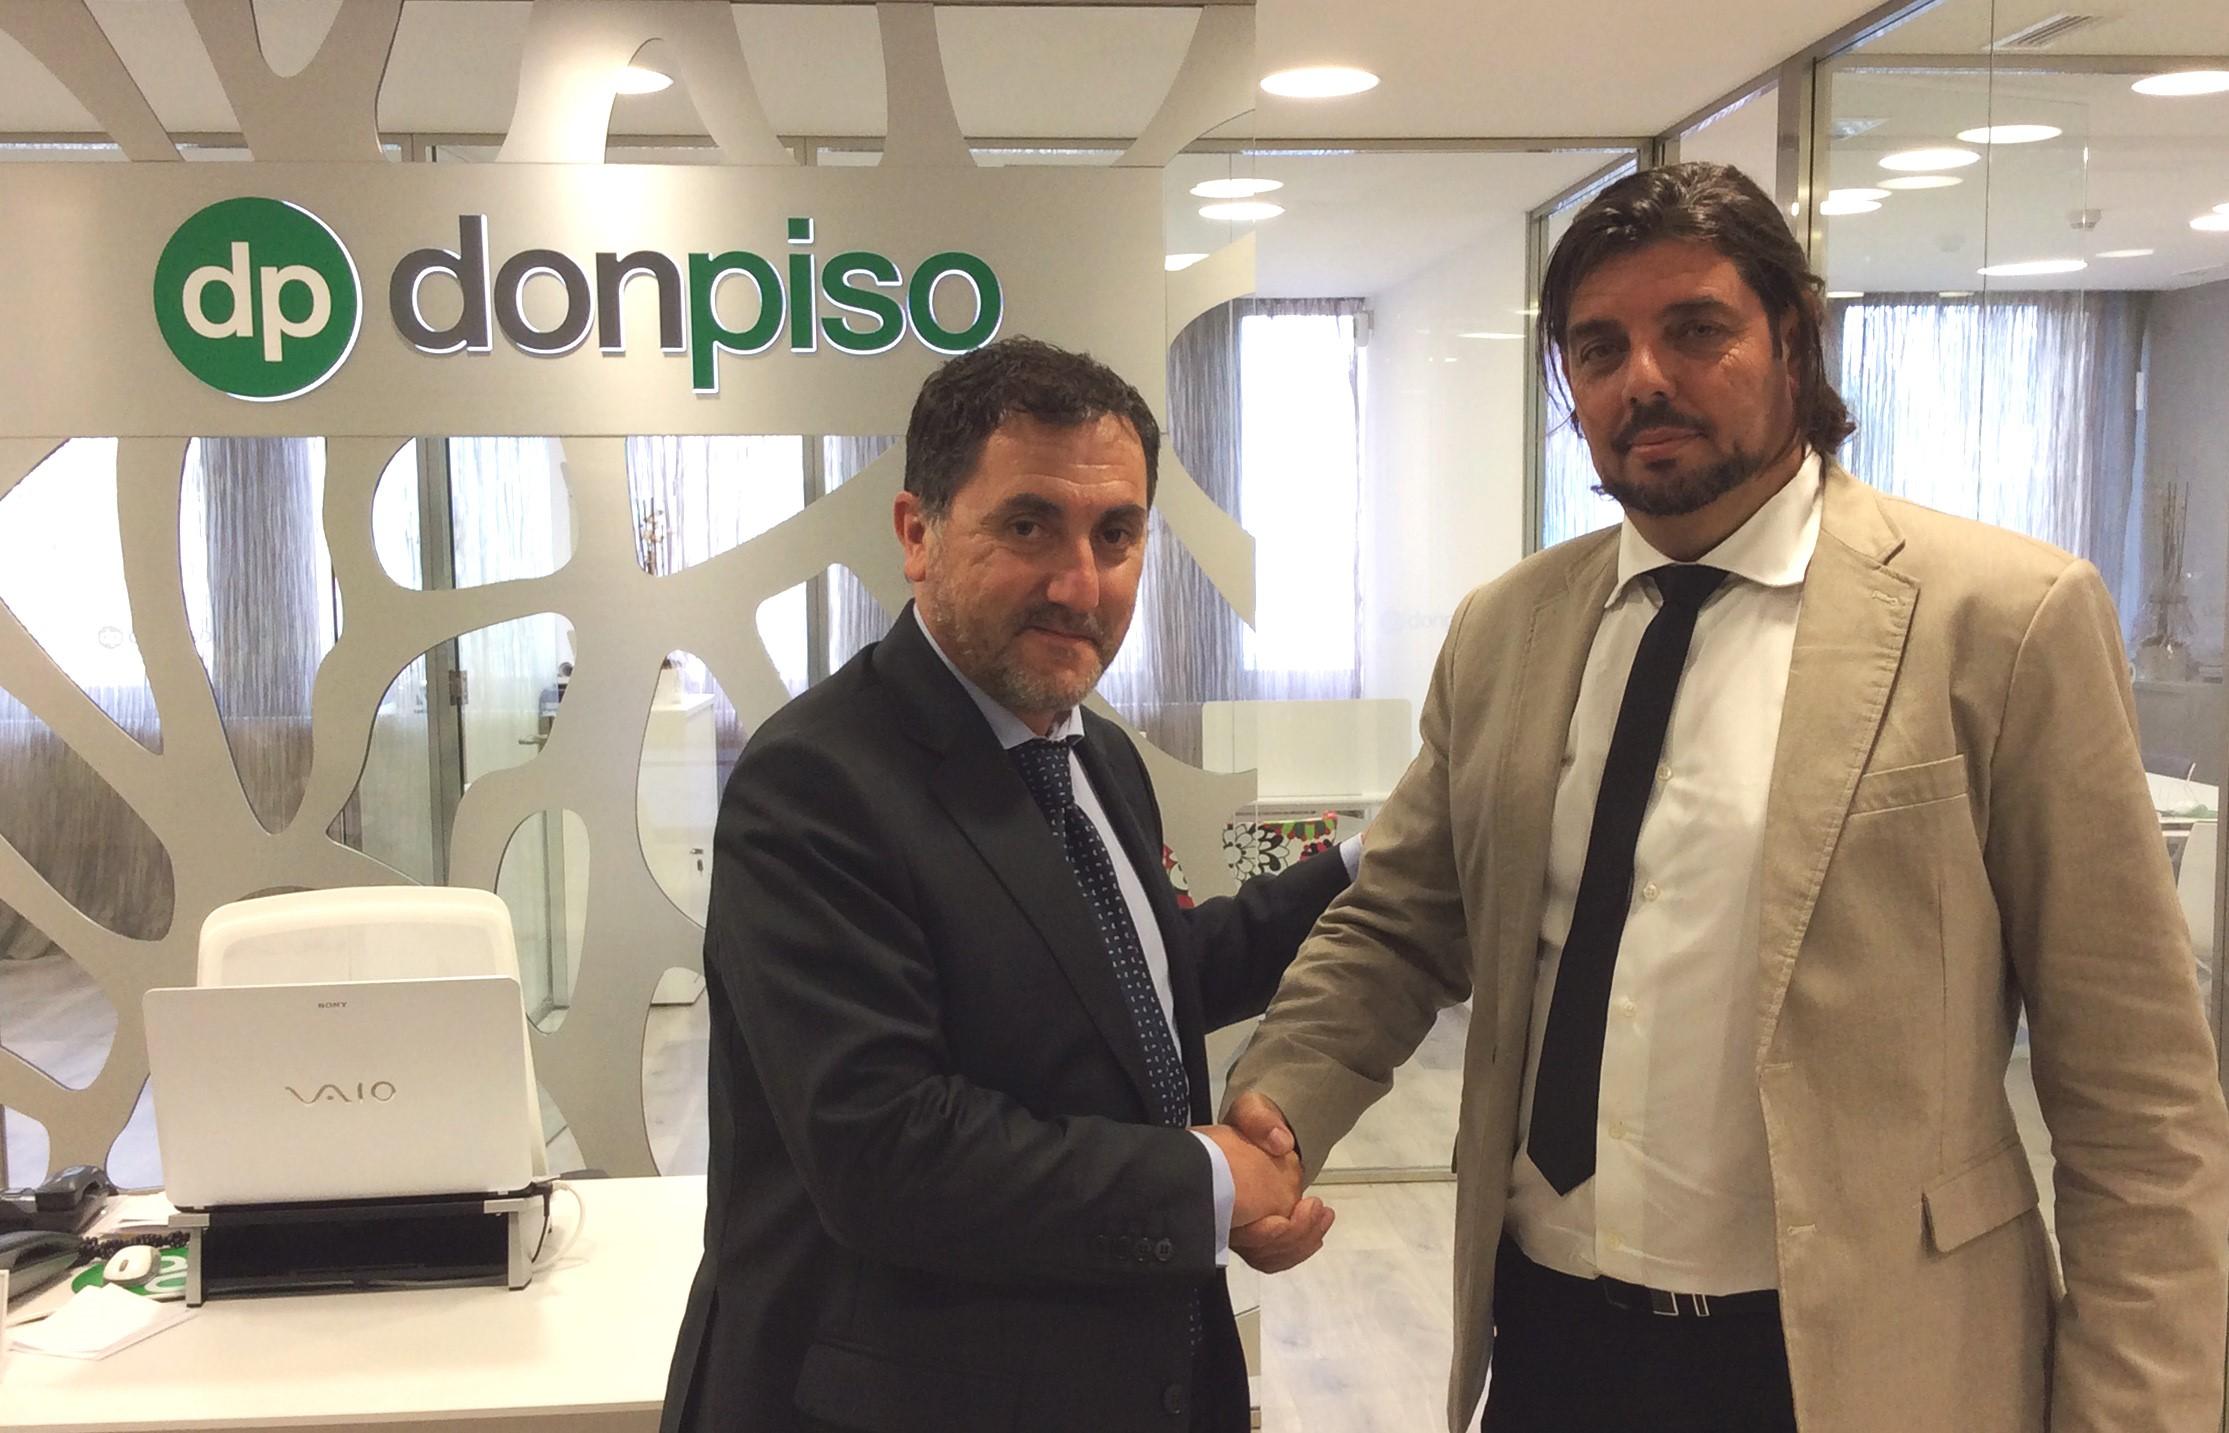 Donpiso abre oficina franquiciada en elche asociaci n for Oficinas don piso barcelona